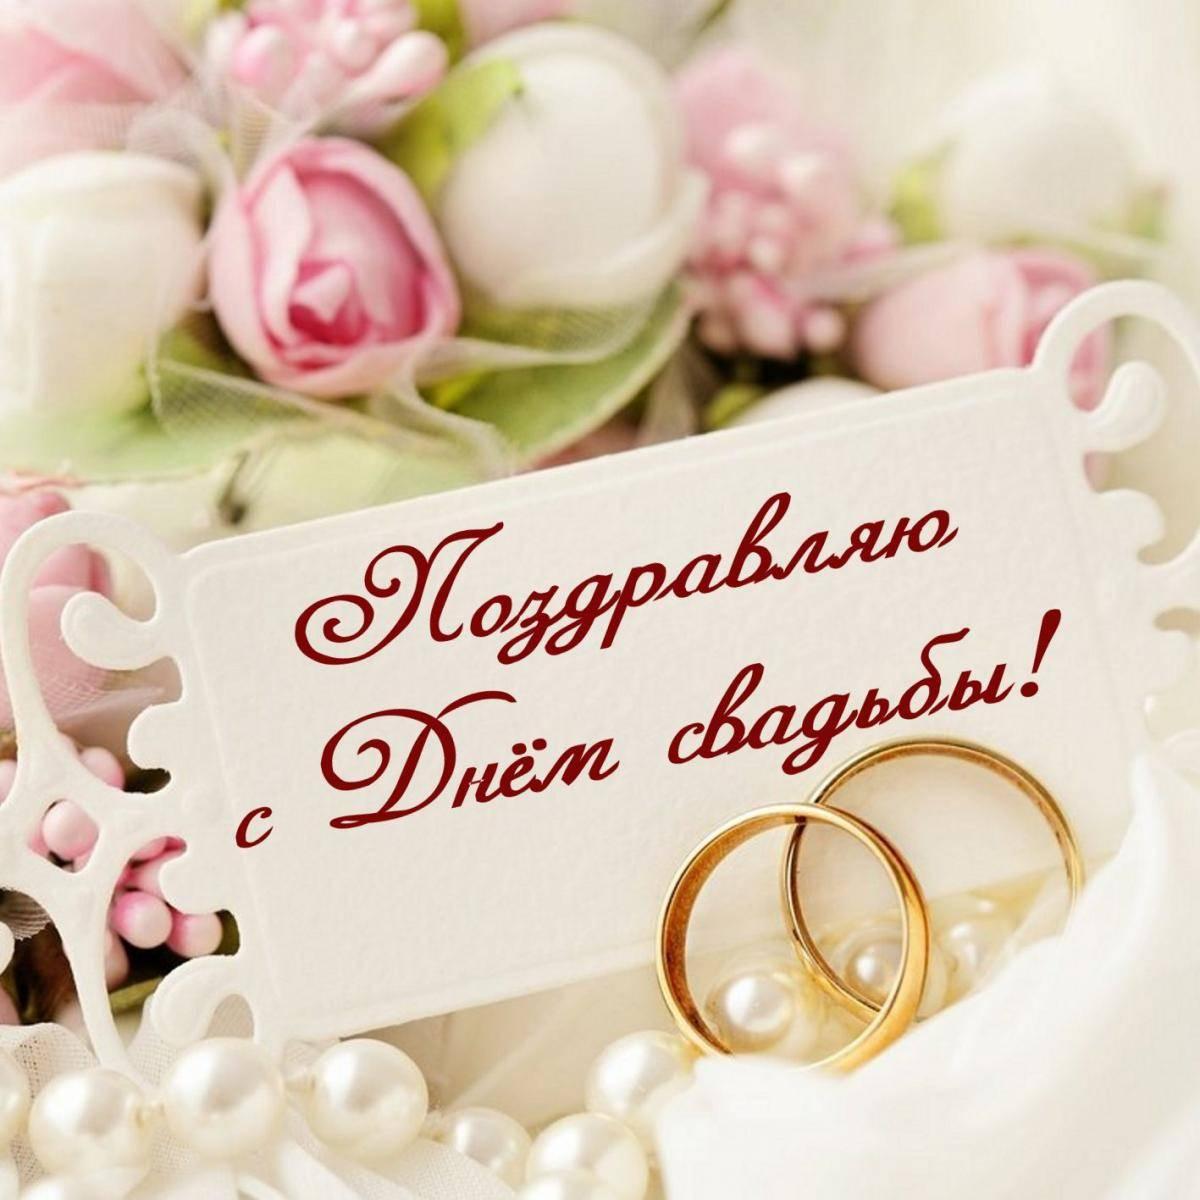 Какая свадьба отмечается через 32 года после бракосочетания, что дарят и как поздравляют на эту годовщину совместной жизни